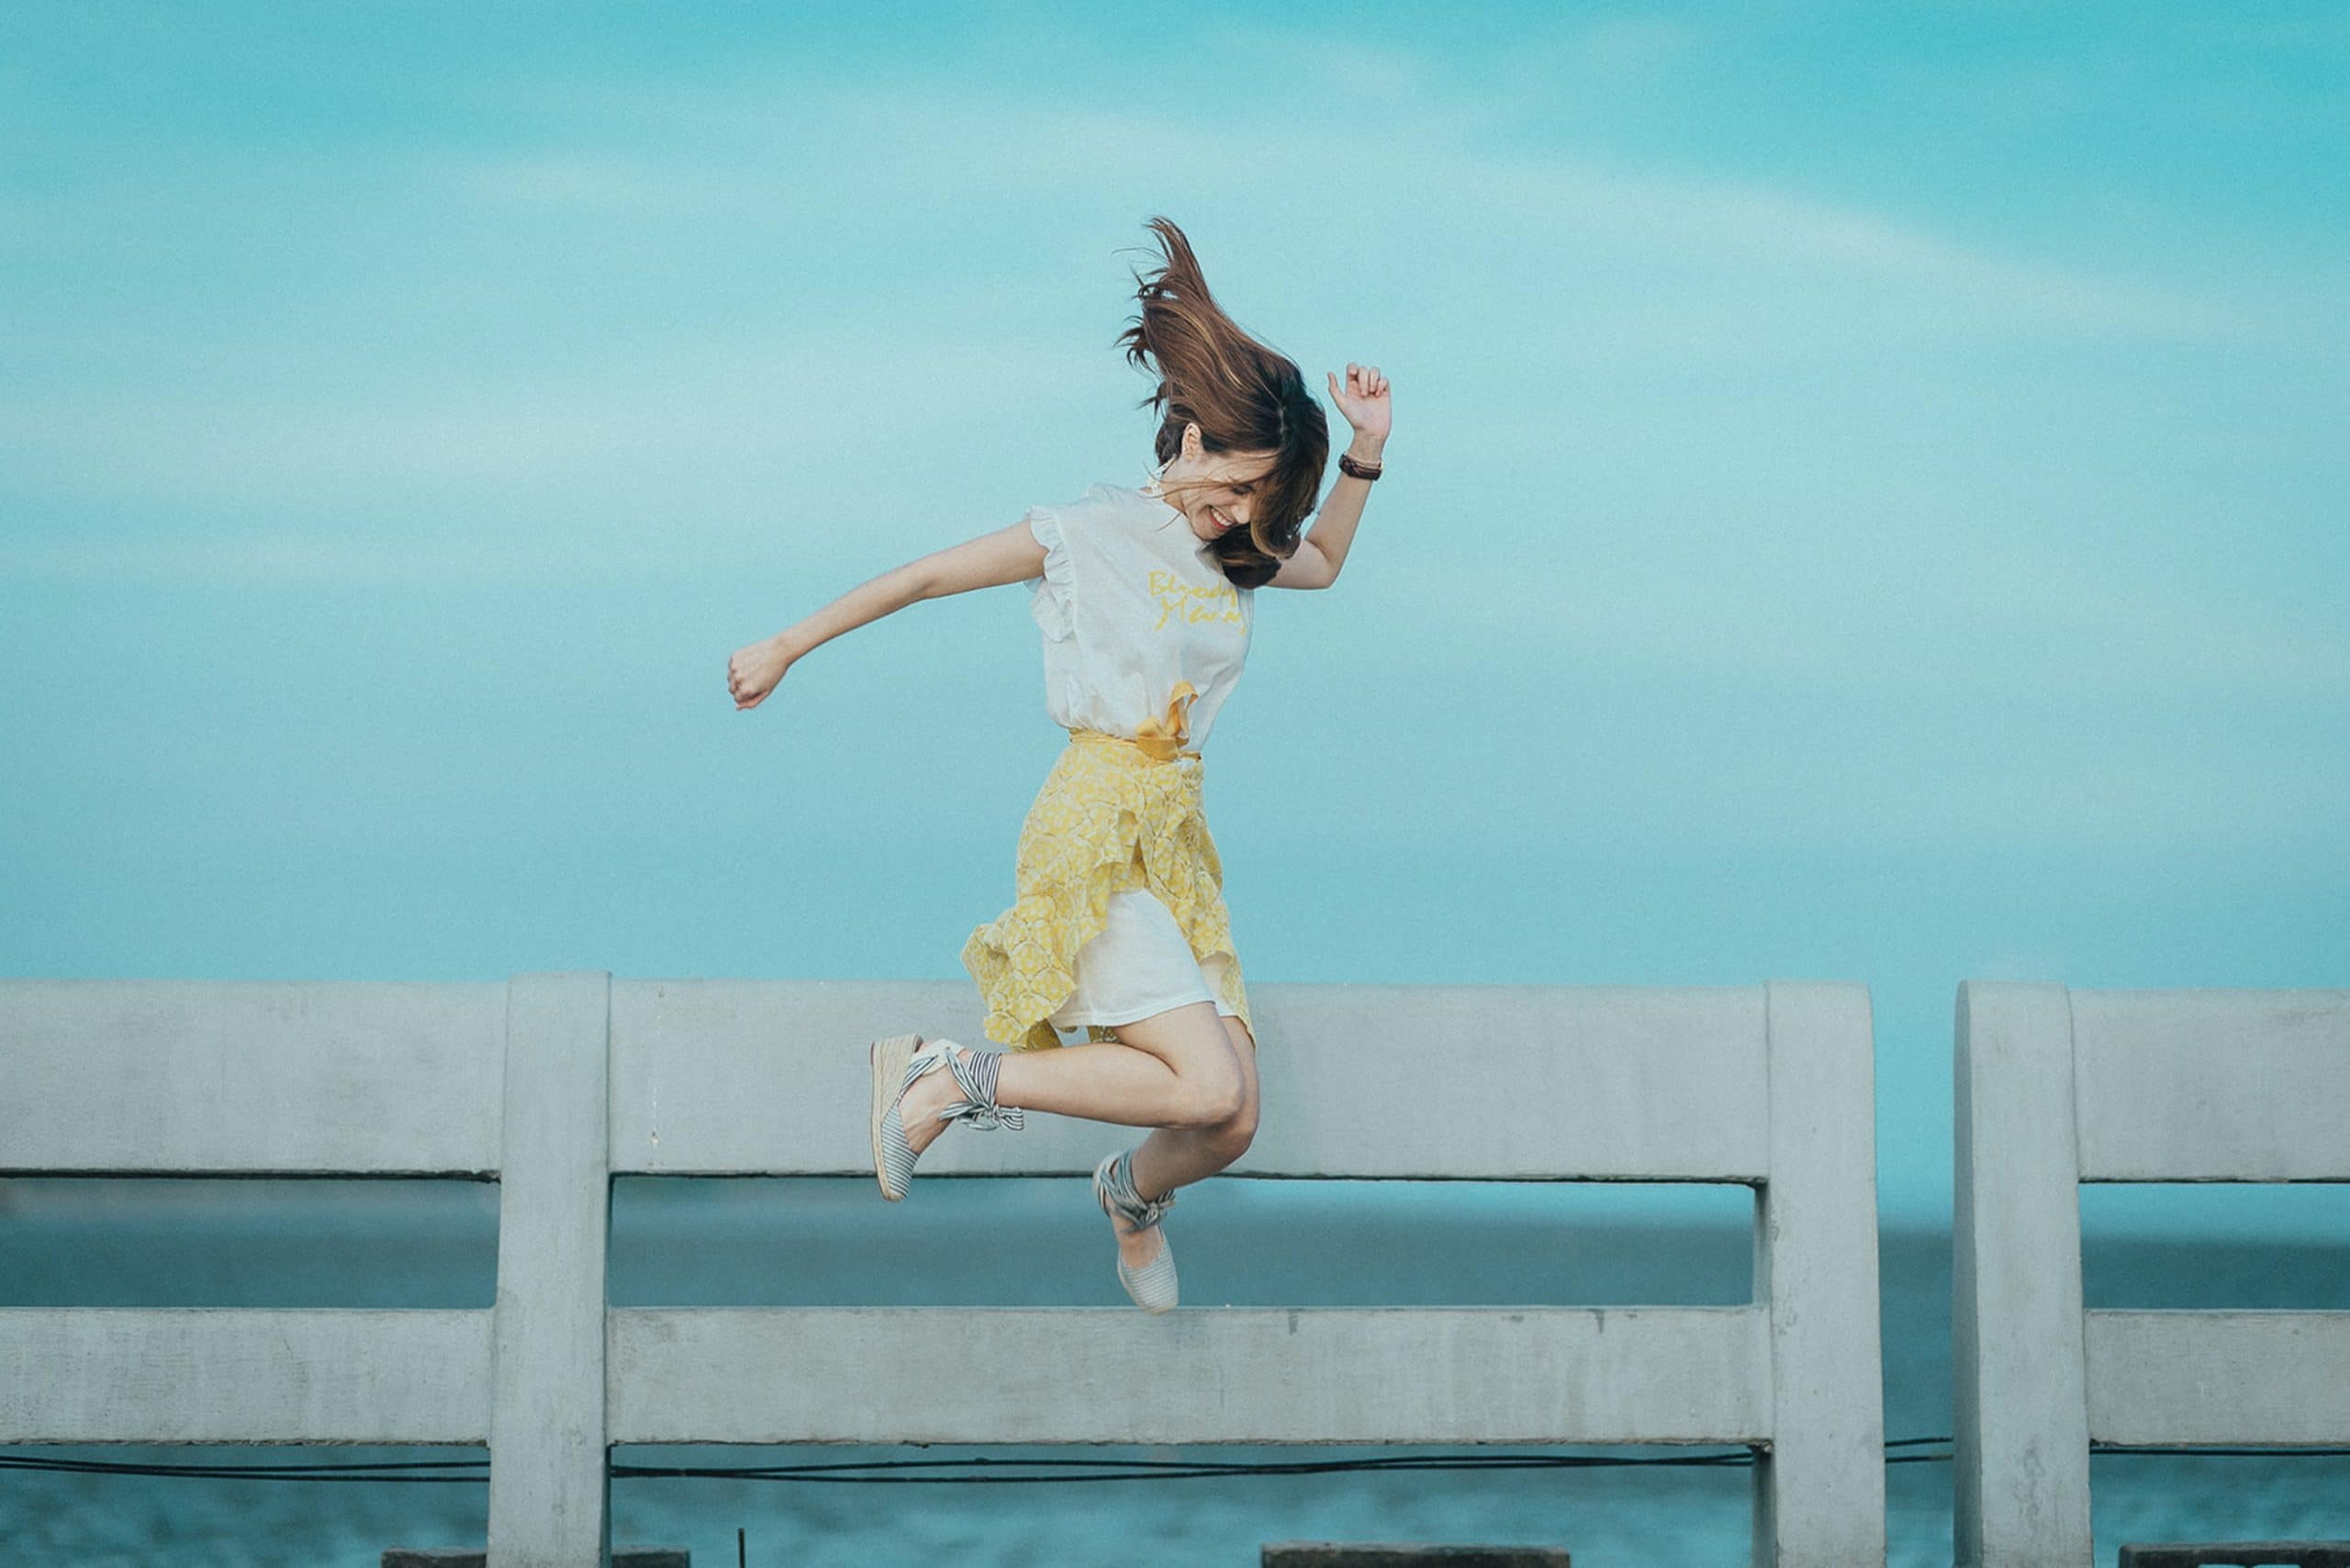 woman jumping